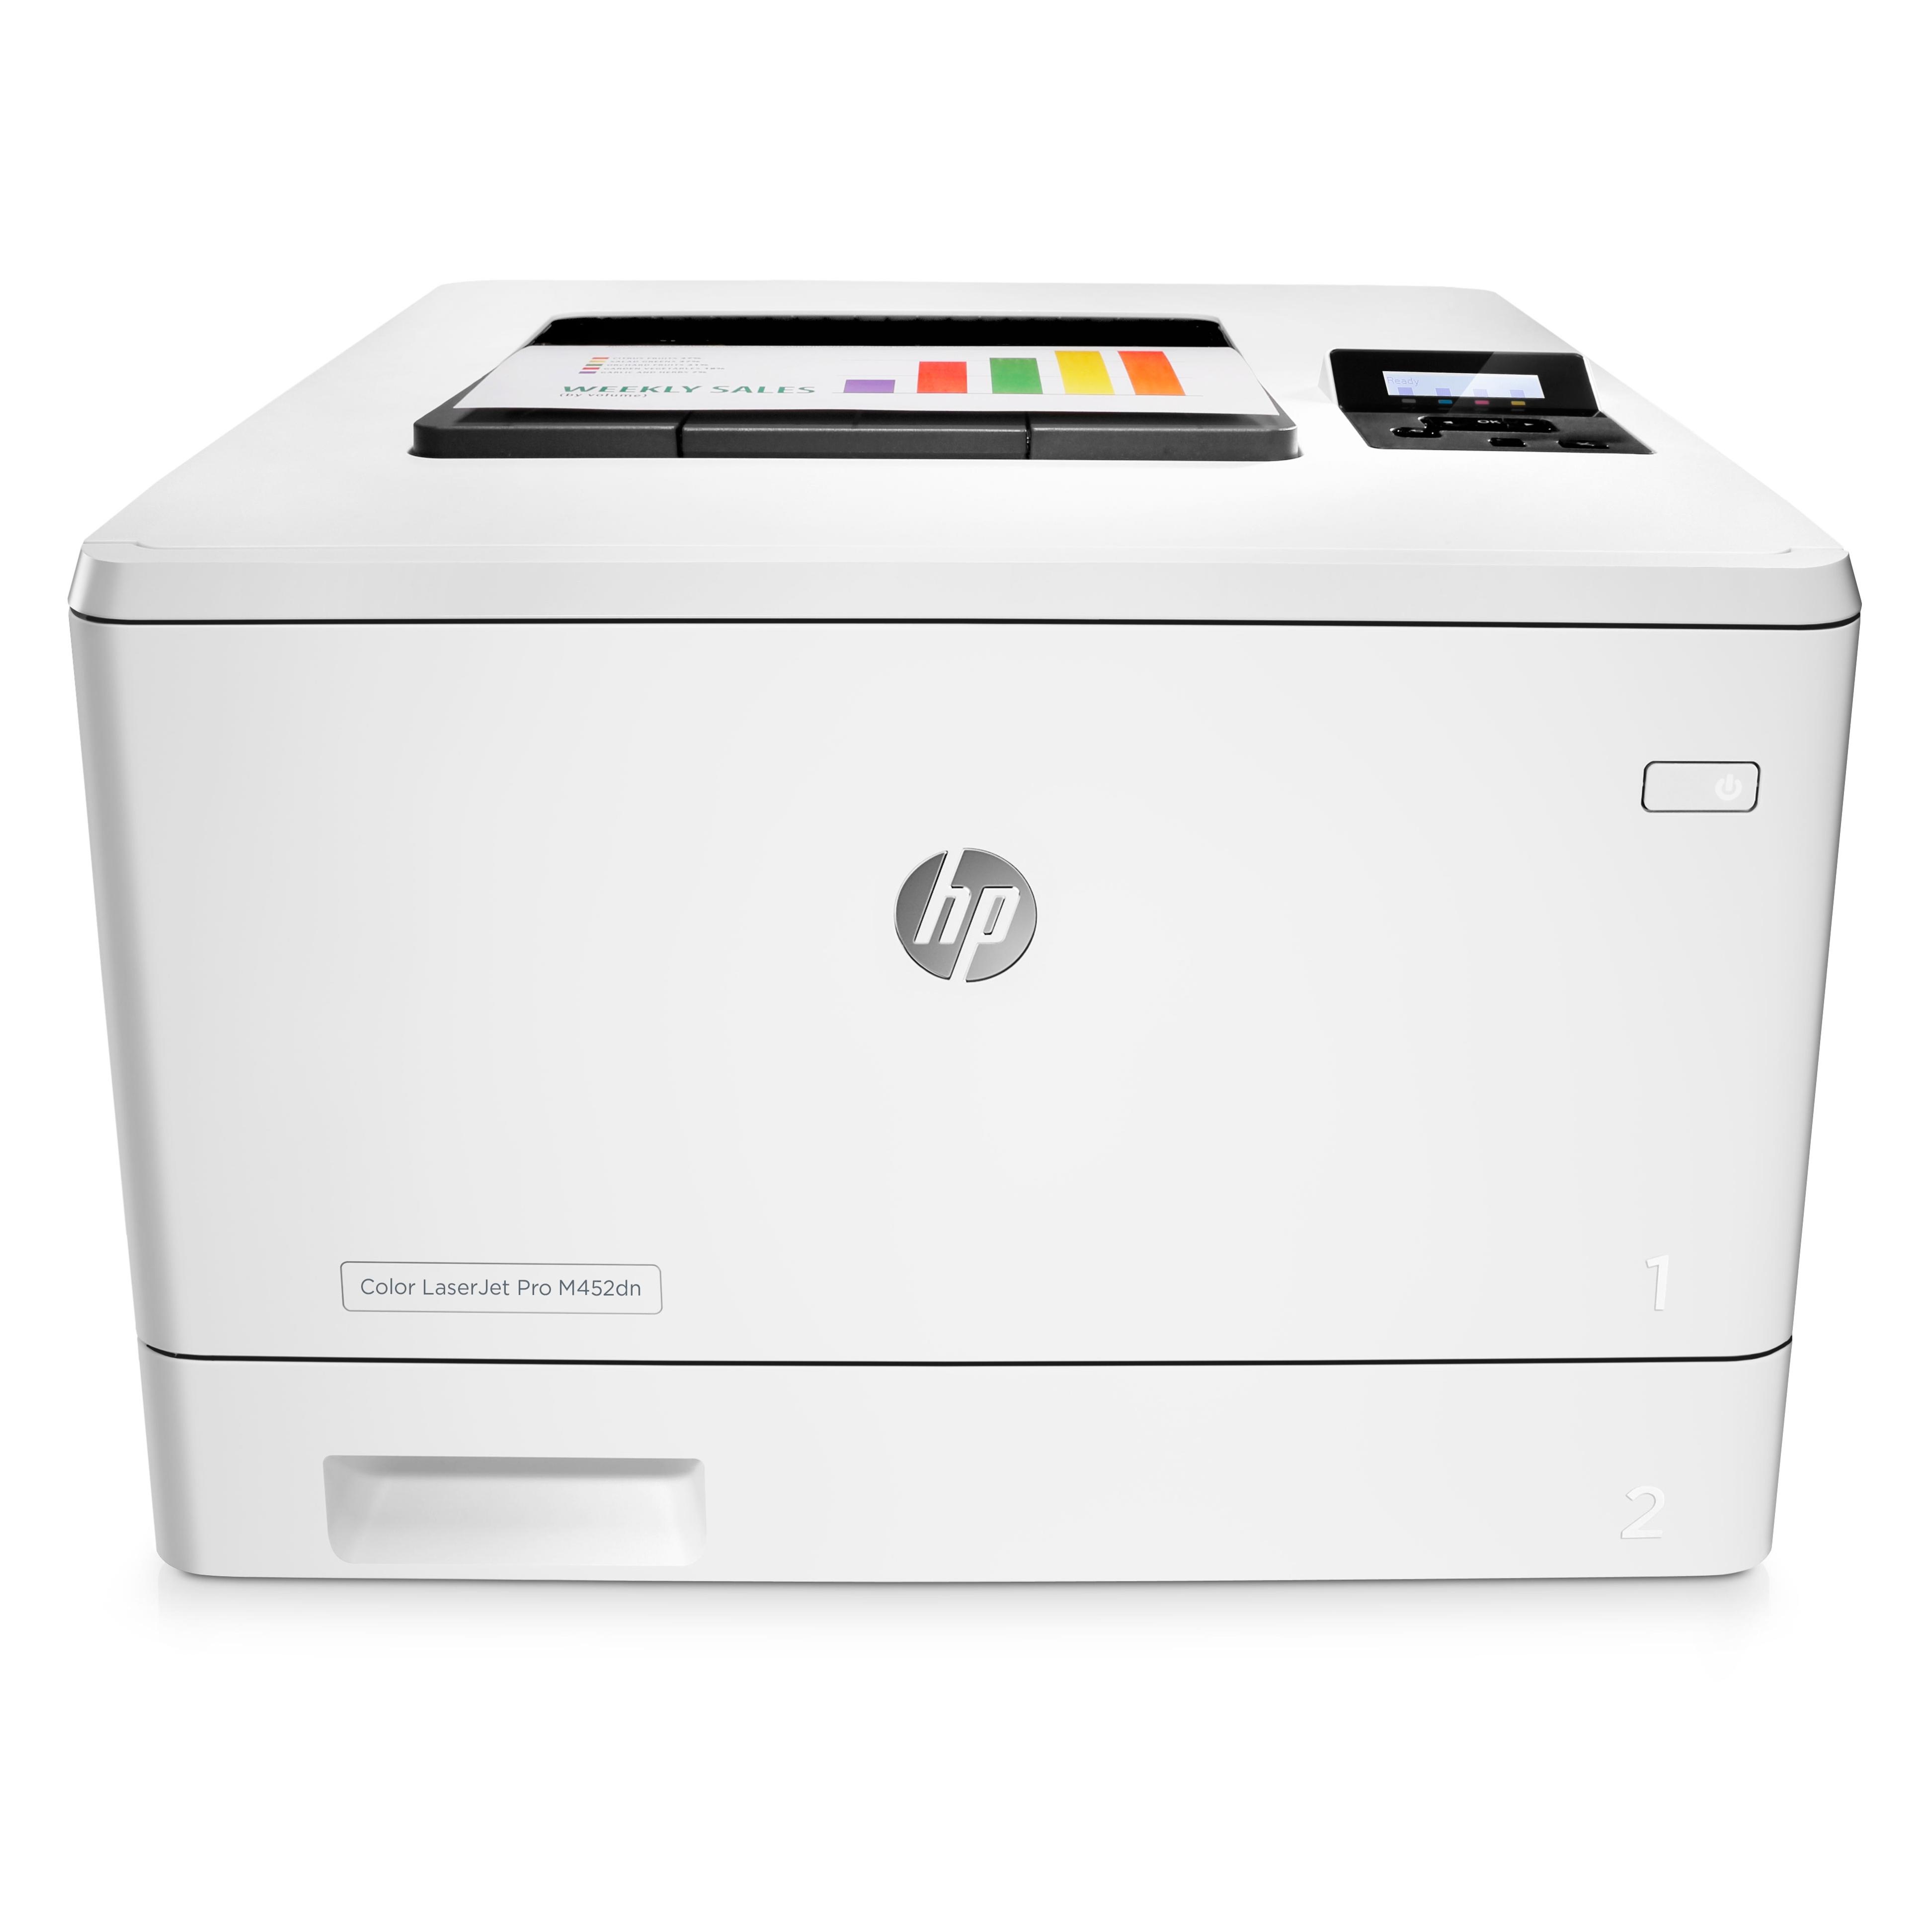 Hewlett-Packard HP Pro M452dn, Farblaser Drucker, A4, 27 Seiten pro Minute, Drucken, Duplex und WLAN